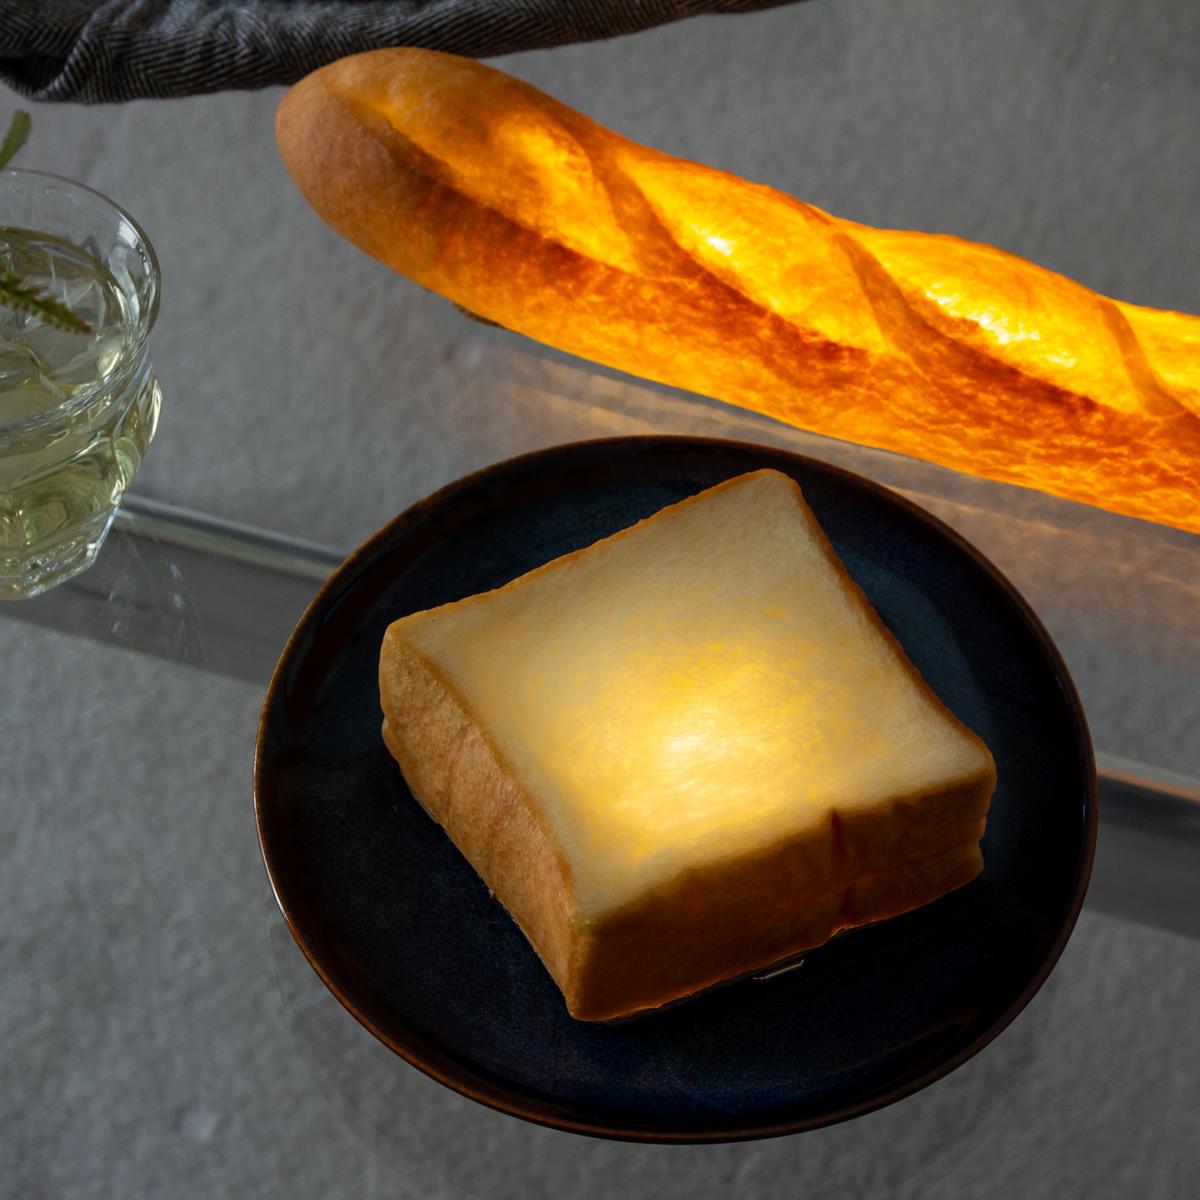 本物のパンを使ったおしゃれでユニークなデザイン。あたたかな光の置くだけで明かりのオンオフができる「ライト・ランプ・間接照明」 モリタ製パン所「パンプシェード」